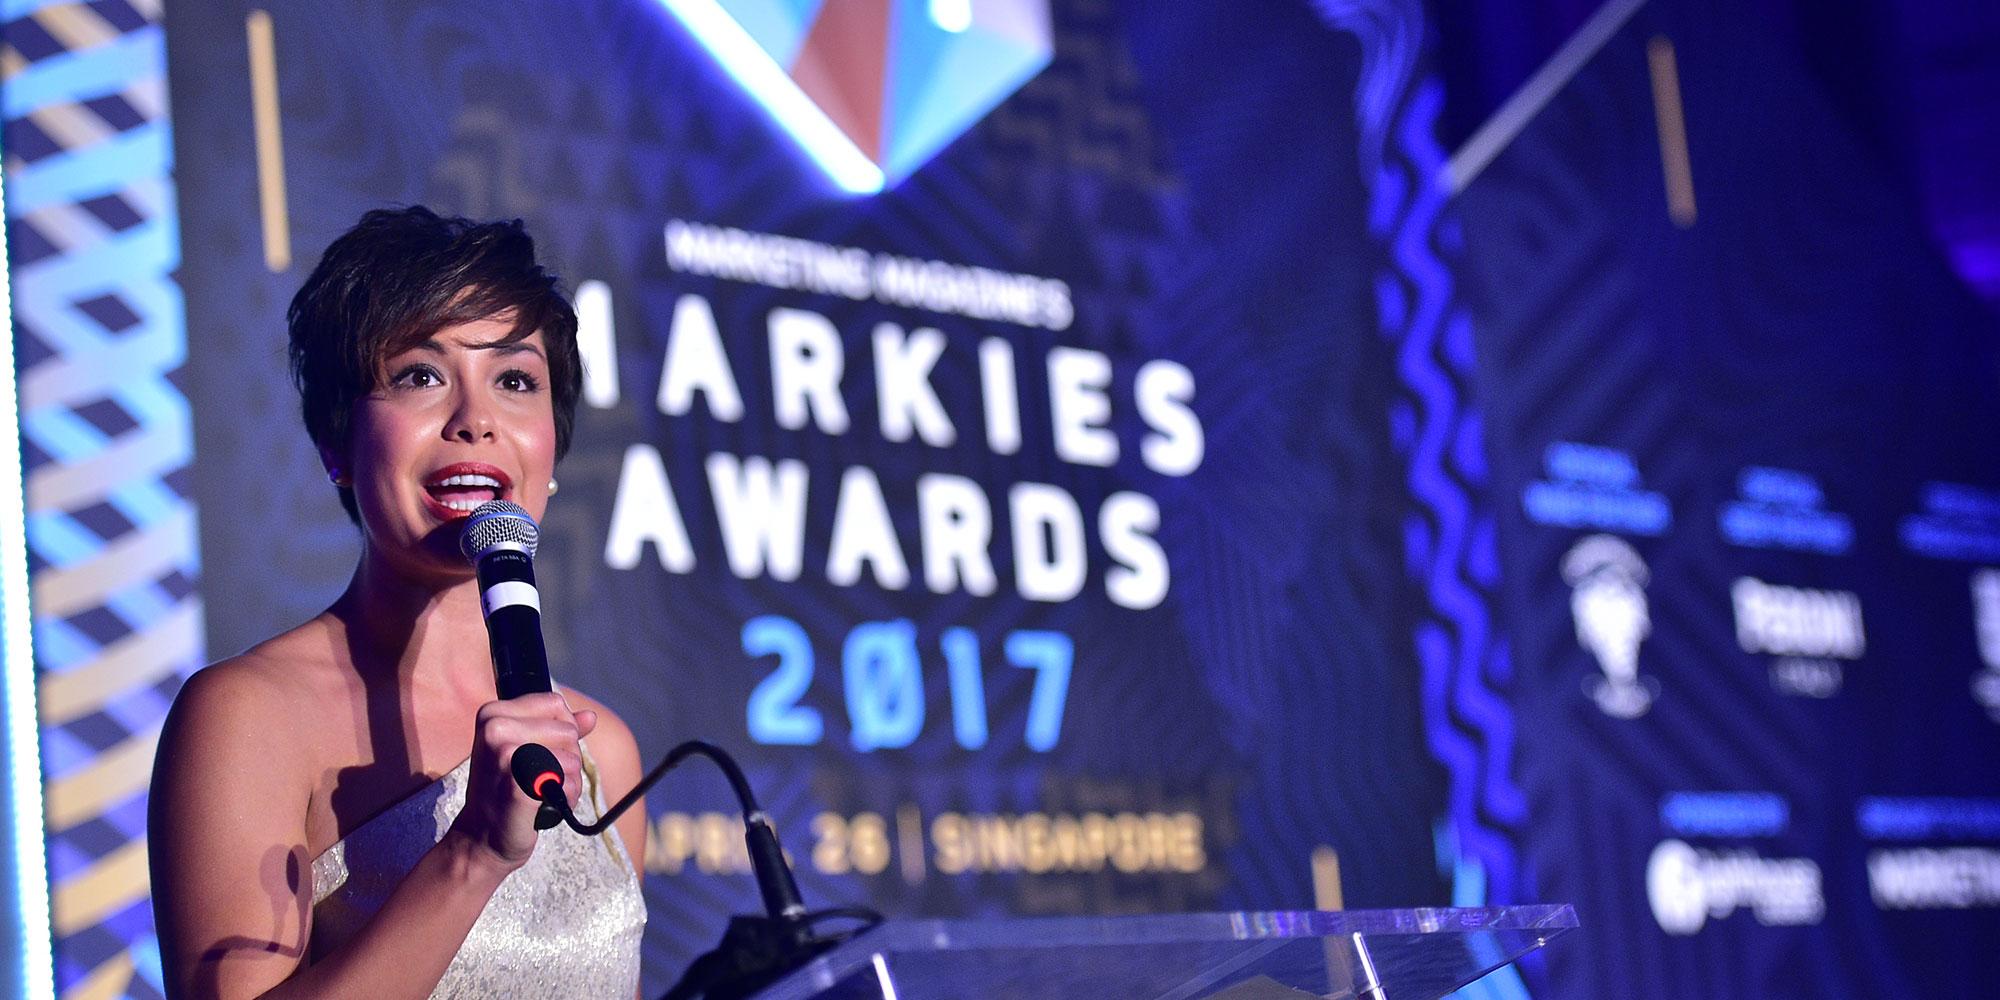 MARKies Awards 2018